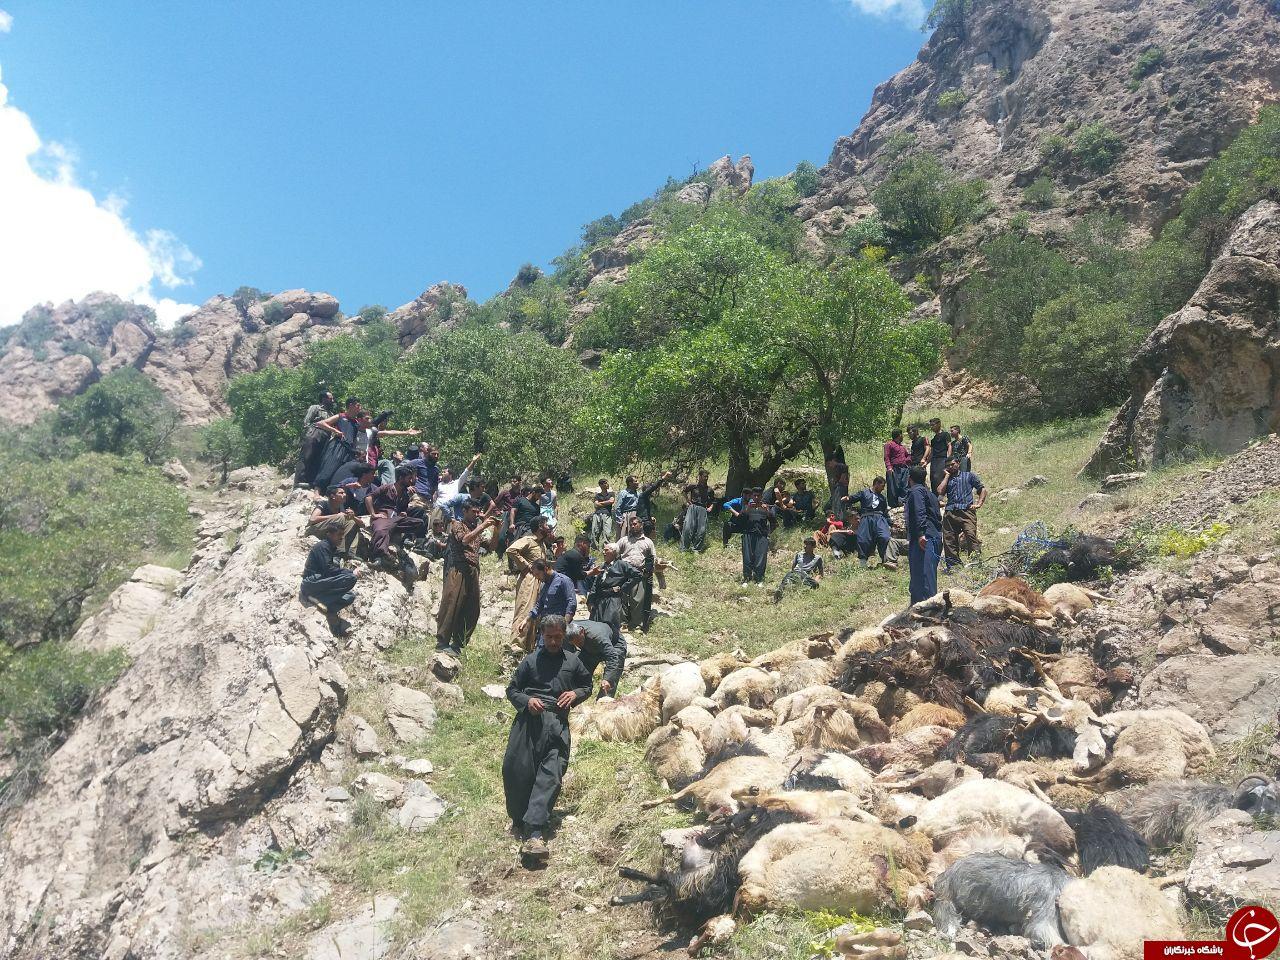 آخرین جزییات از حمله پلنگان به گله گوسفندان در ثلاث باباجانی